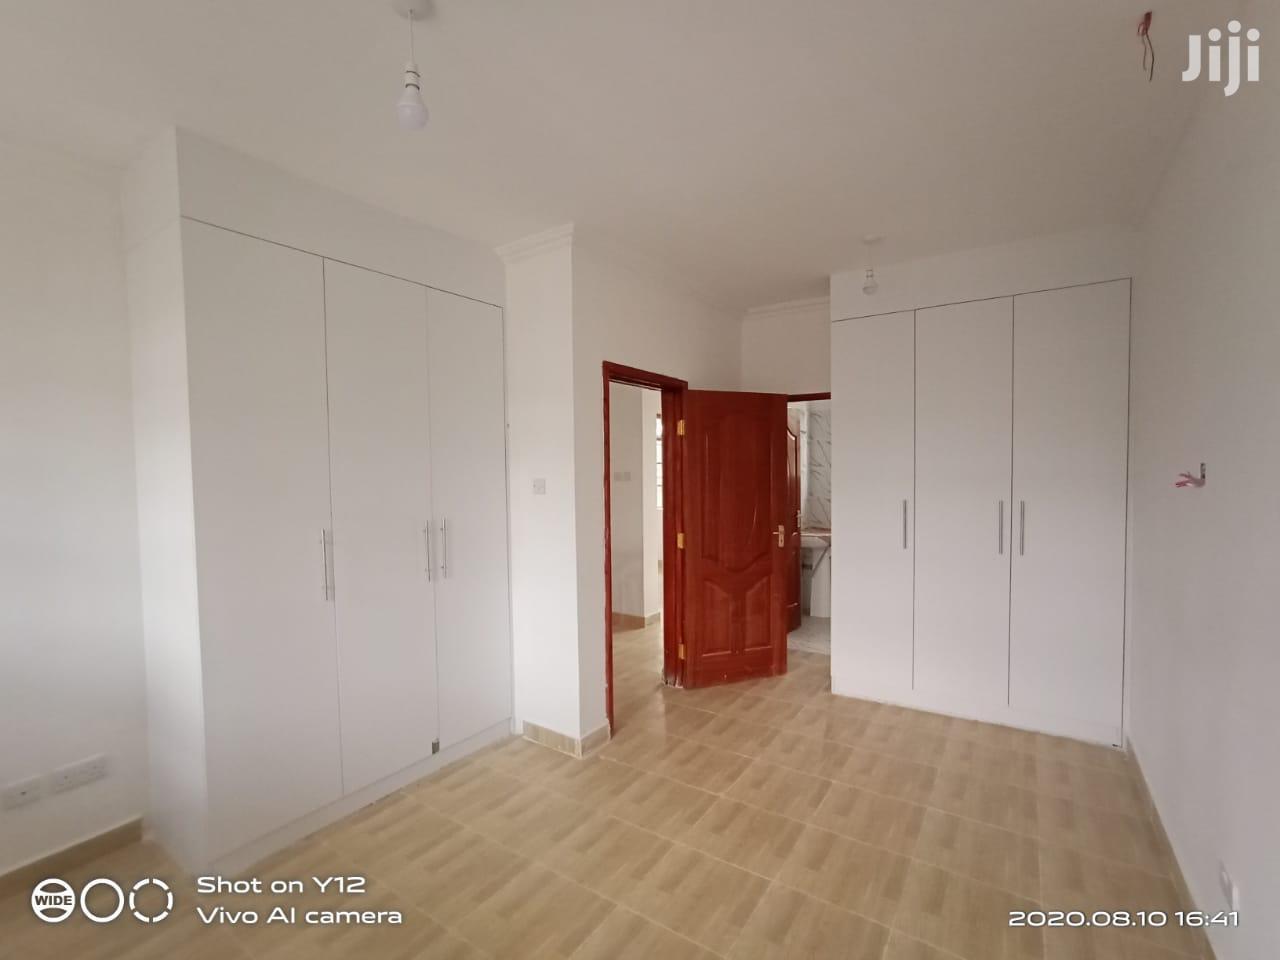 4 Bedroom Maisonette For Sale In Kitengela | Houses & Apartments For Sale for sale in Kitengela, Kajiado, Kenya